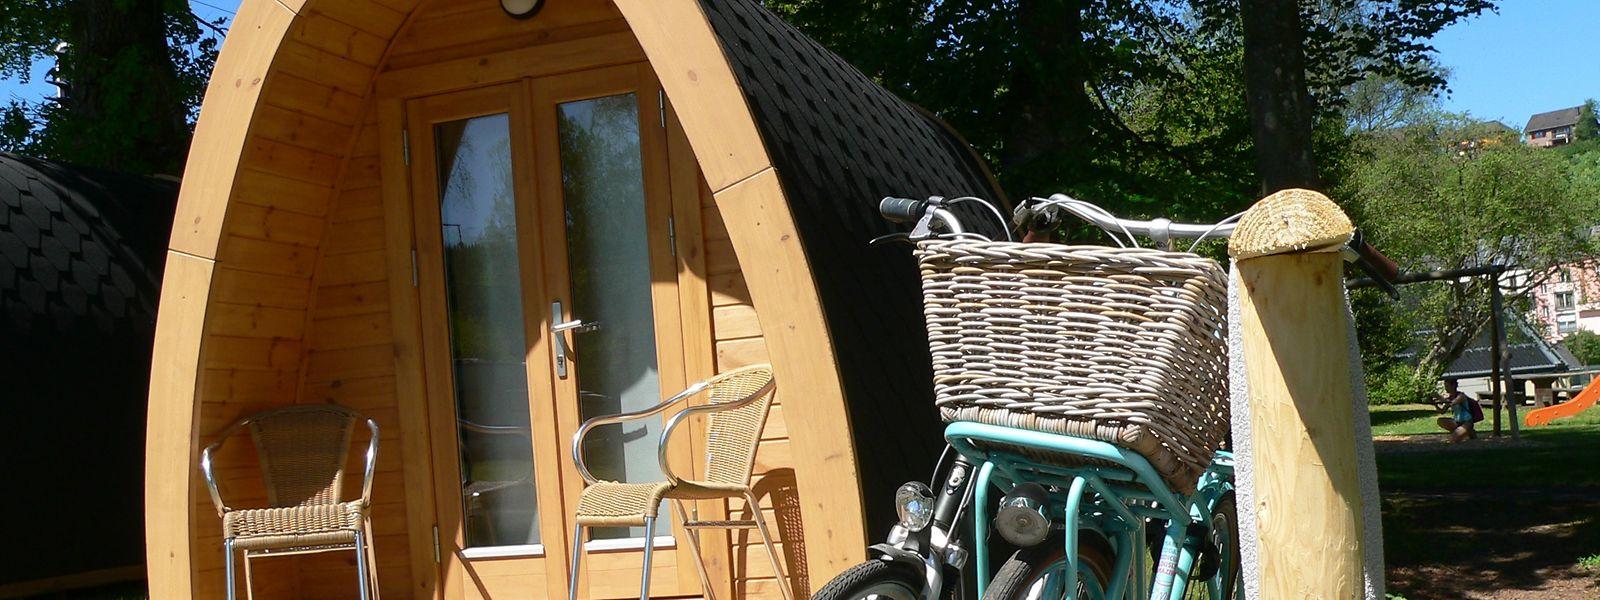 Vor allem Mietobjekte wie dieses Camping-POD fanden dieses Jahr großen Anklang bei den Campern.